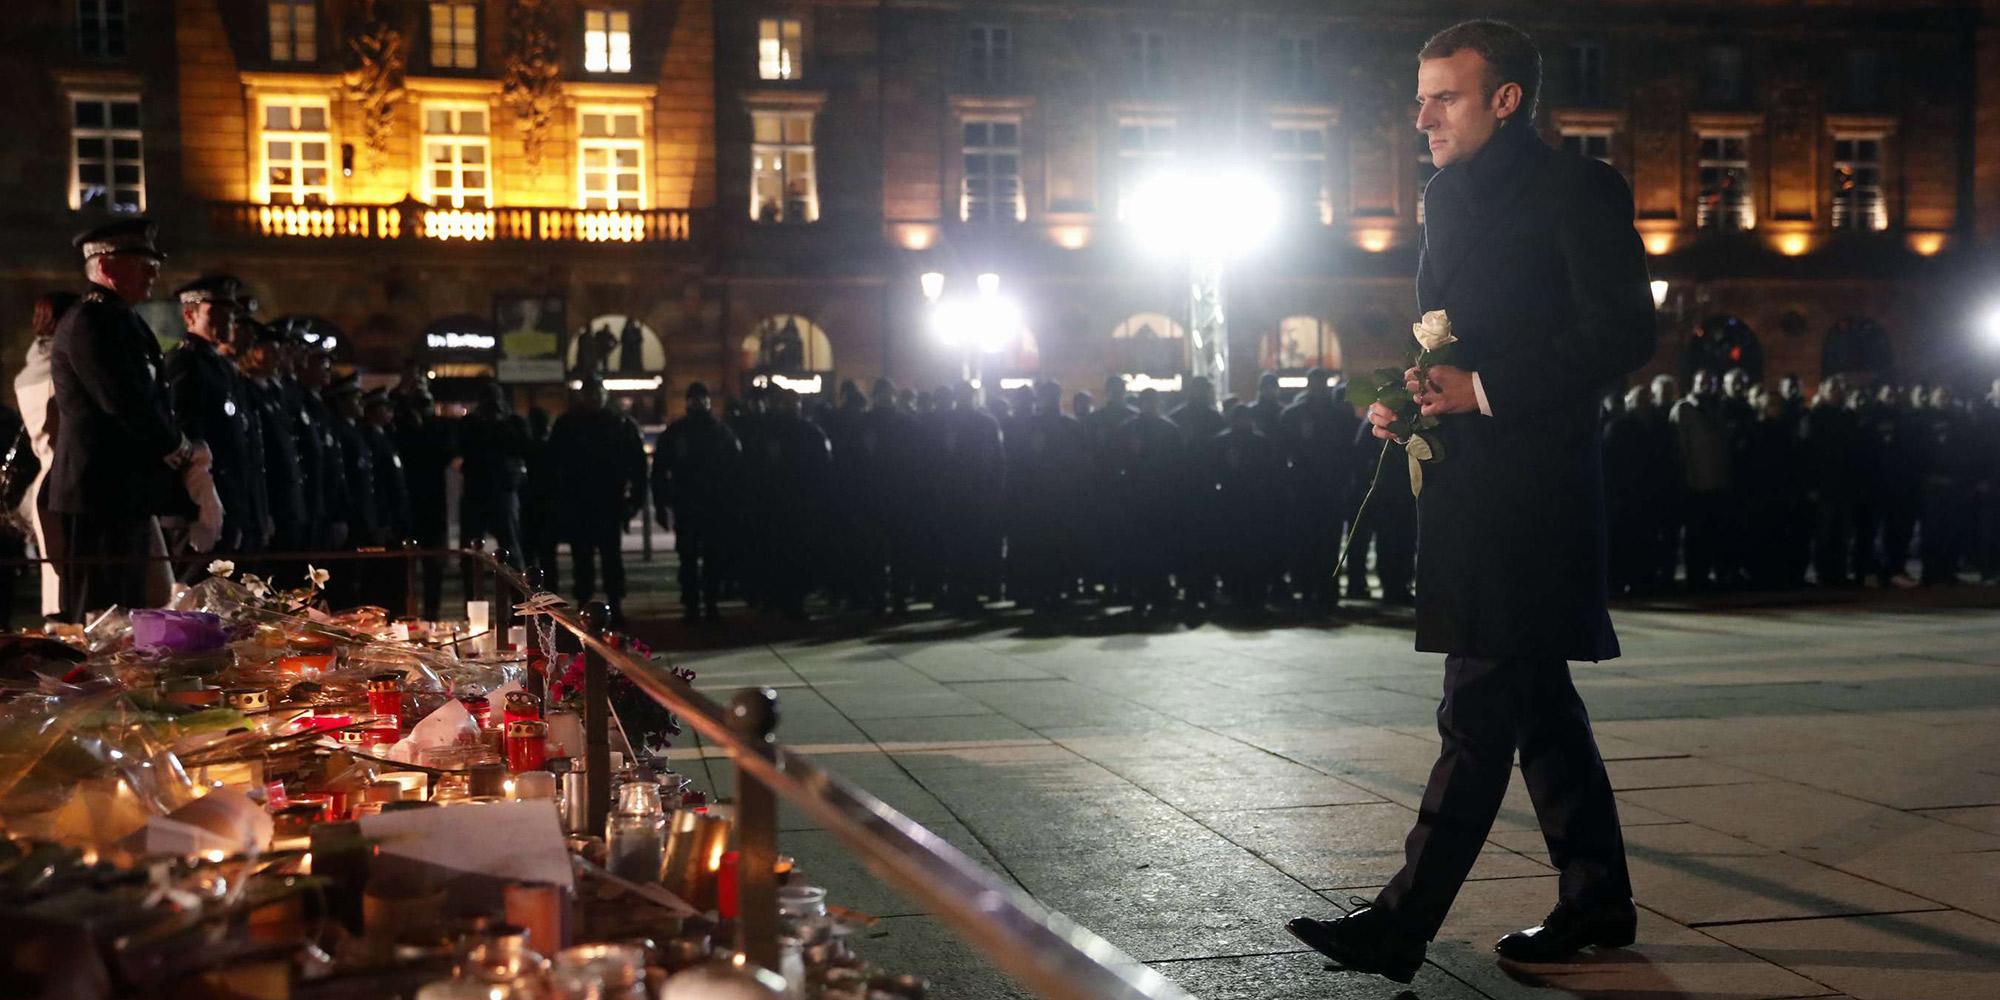 Attentat de Strasbourg : Macron a rendu hommage aux victimes devant un mémorial improvisé